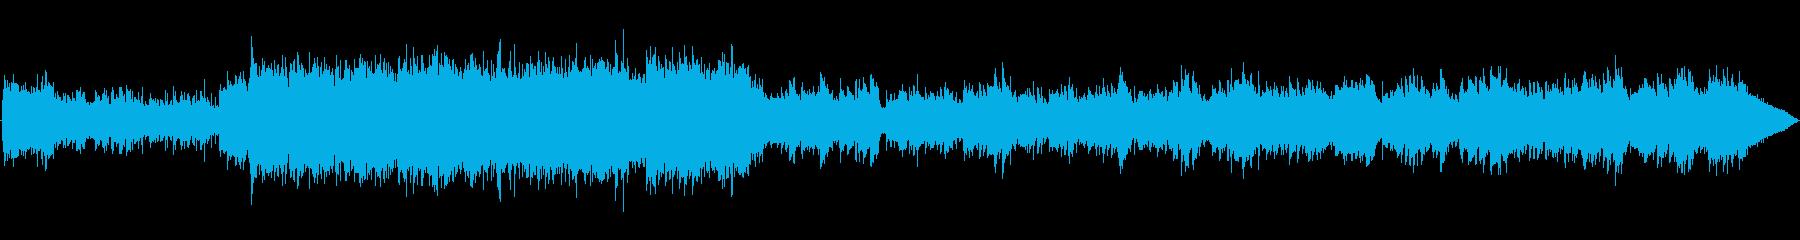 シタールを使ったループ音源の再生済みの波形